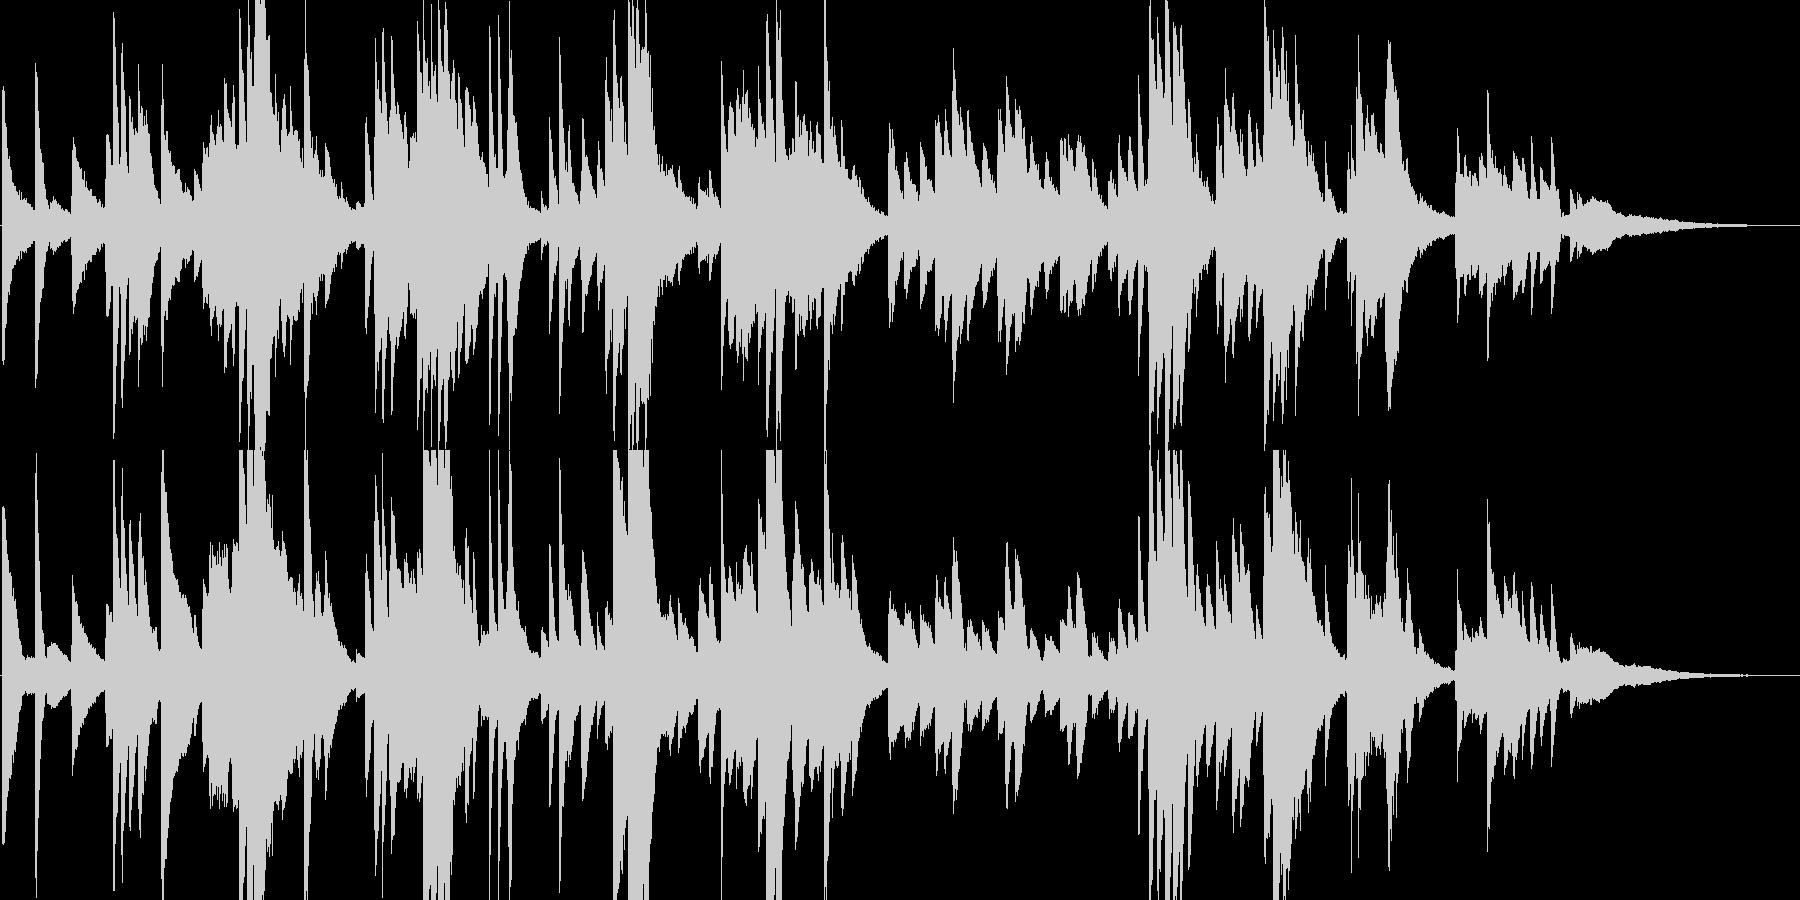 自律神経を整えるヒーリングピアノソロ曲の未再生の波形